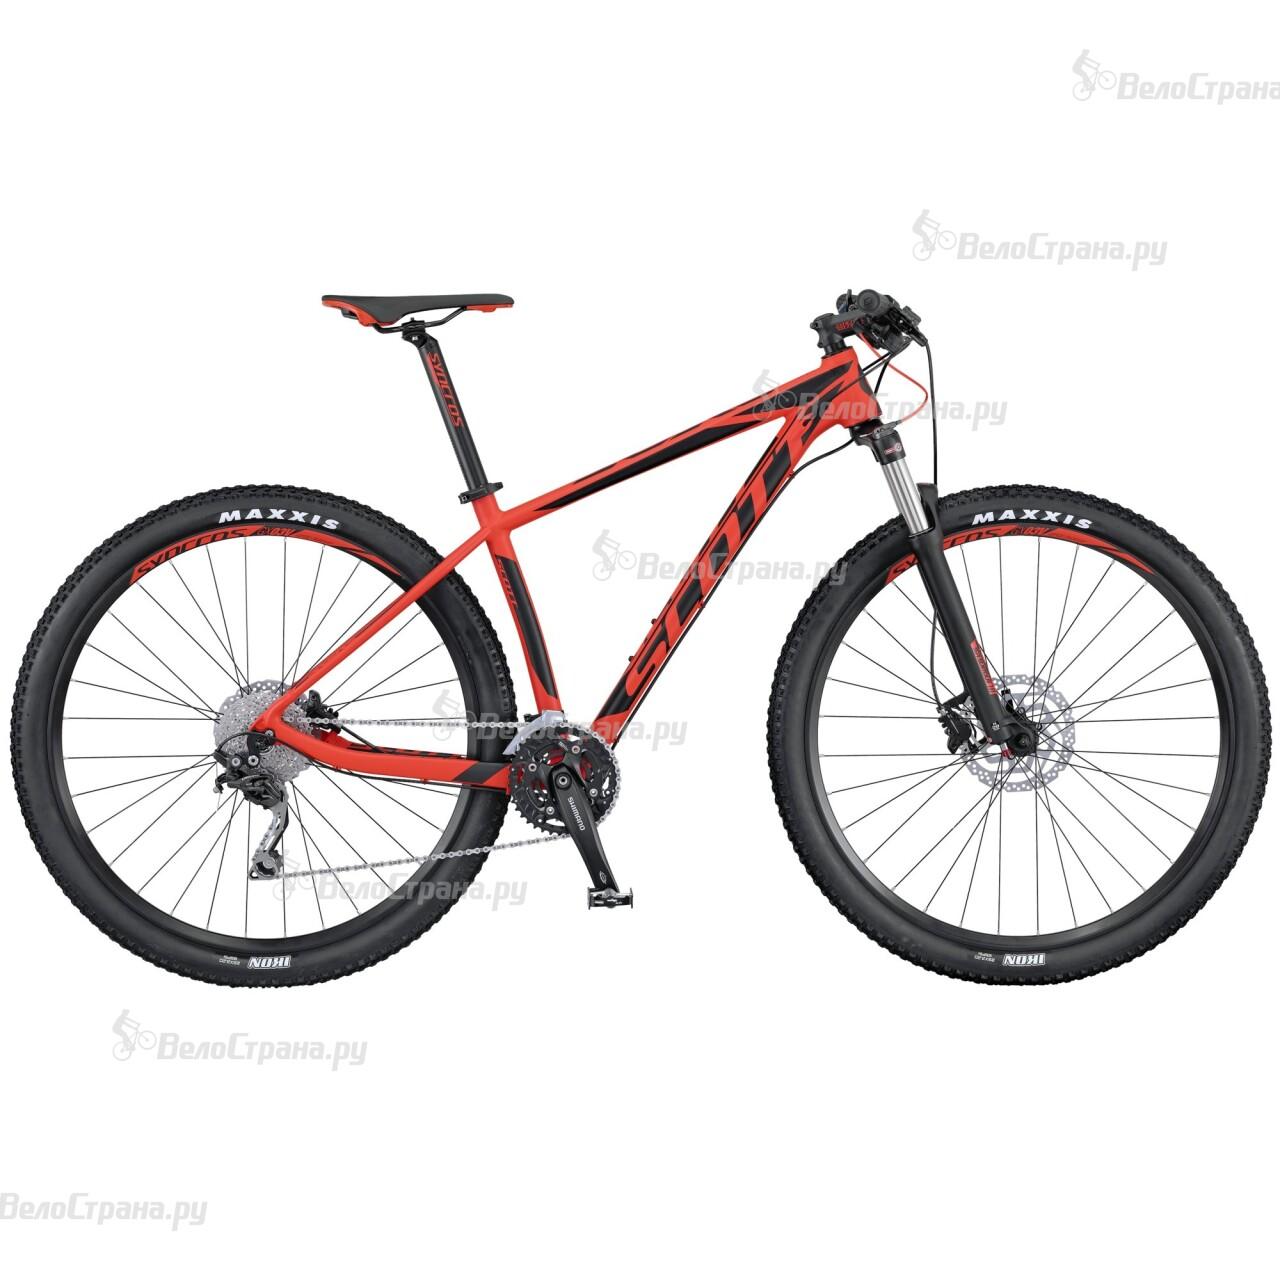 Велосипед Scott Scale 770 (2016) велосипед scott scale junior 26 2016